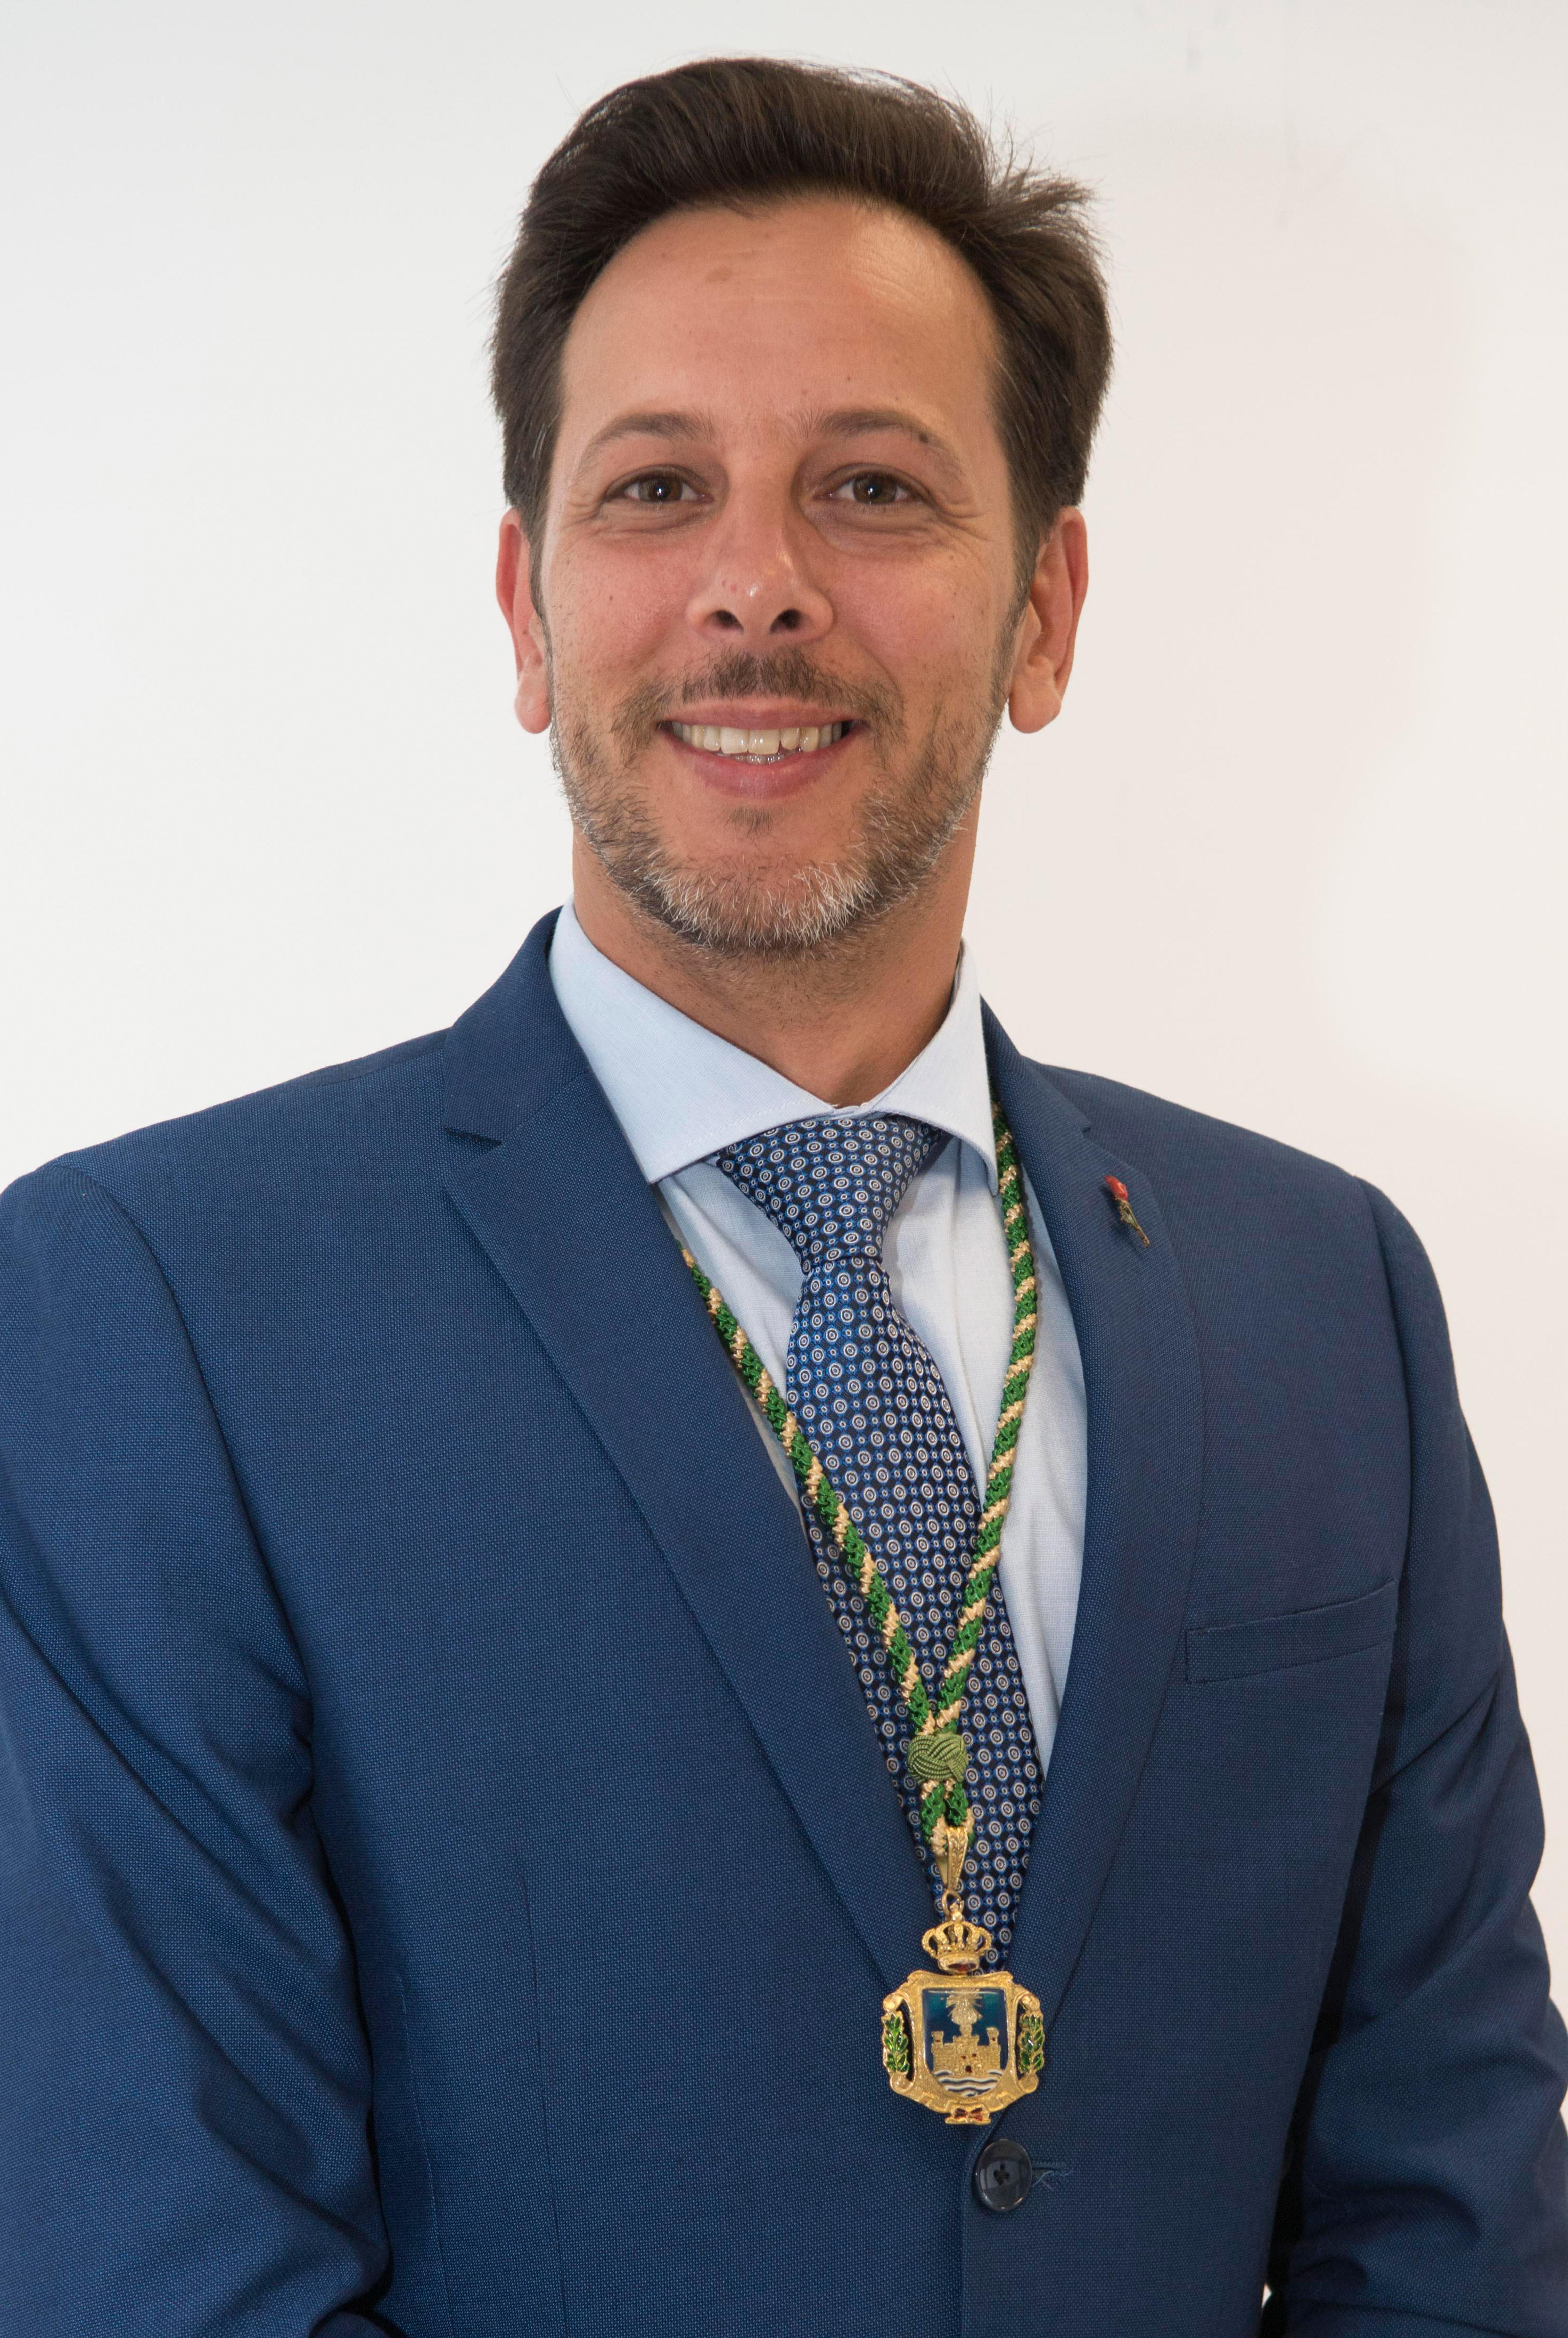 Enrique Báez Cabello